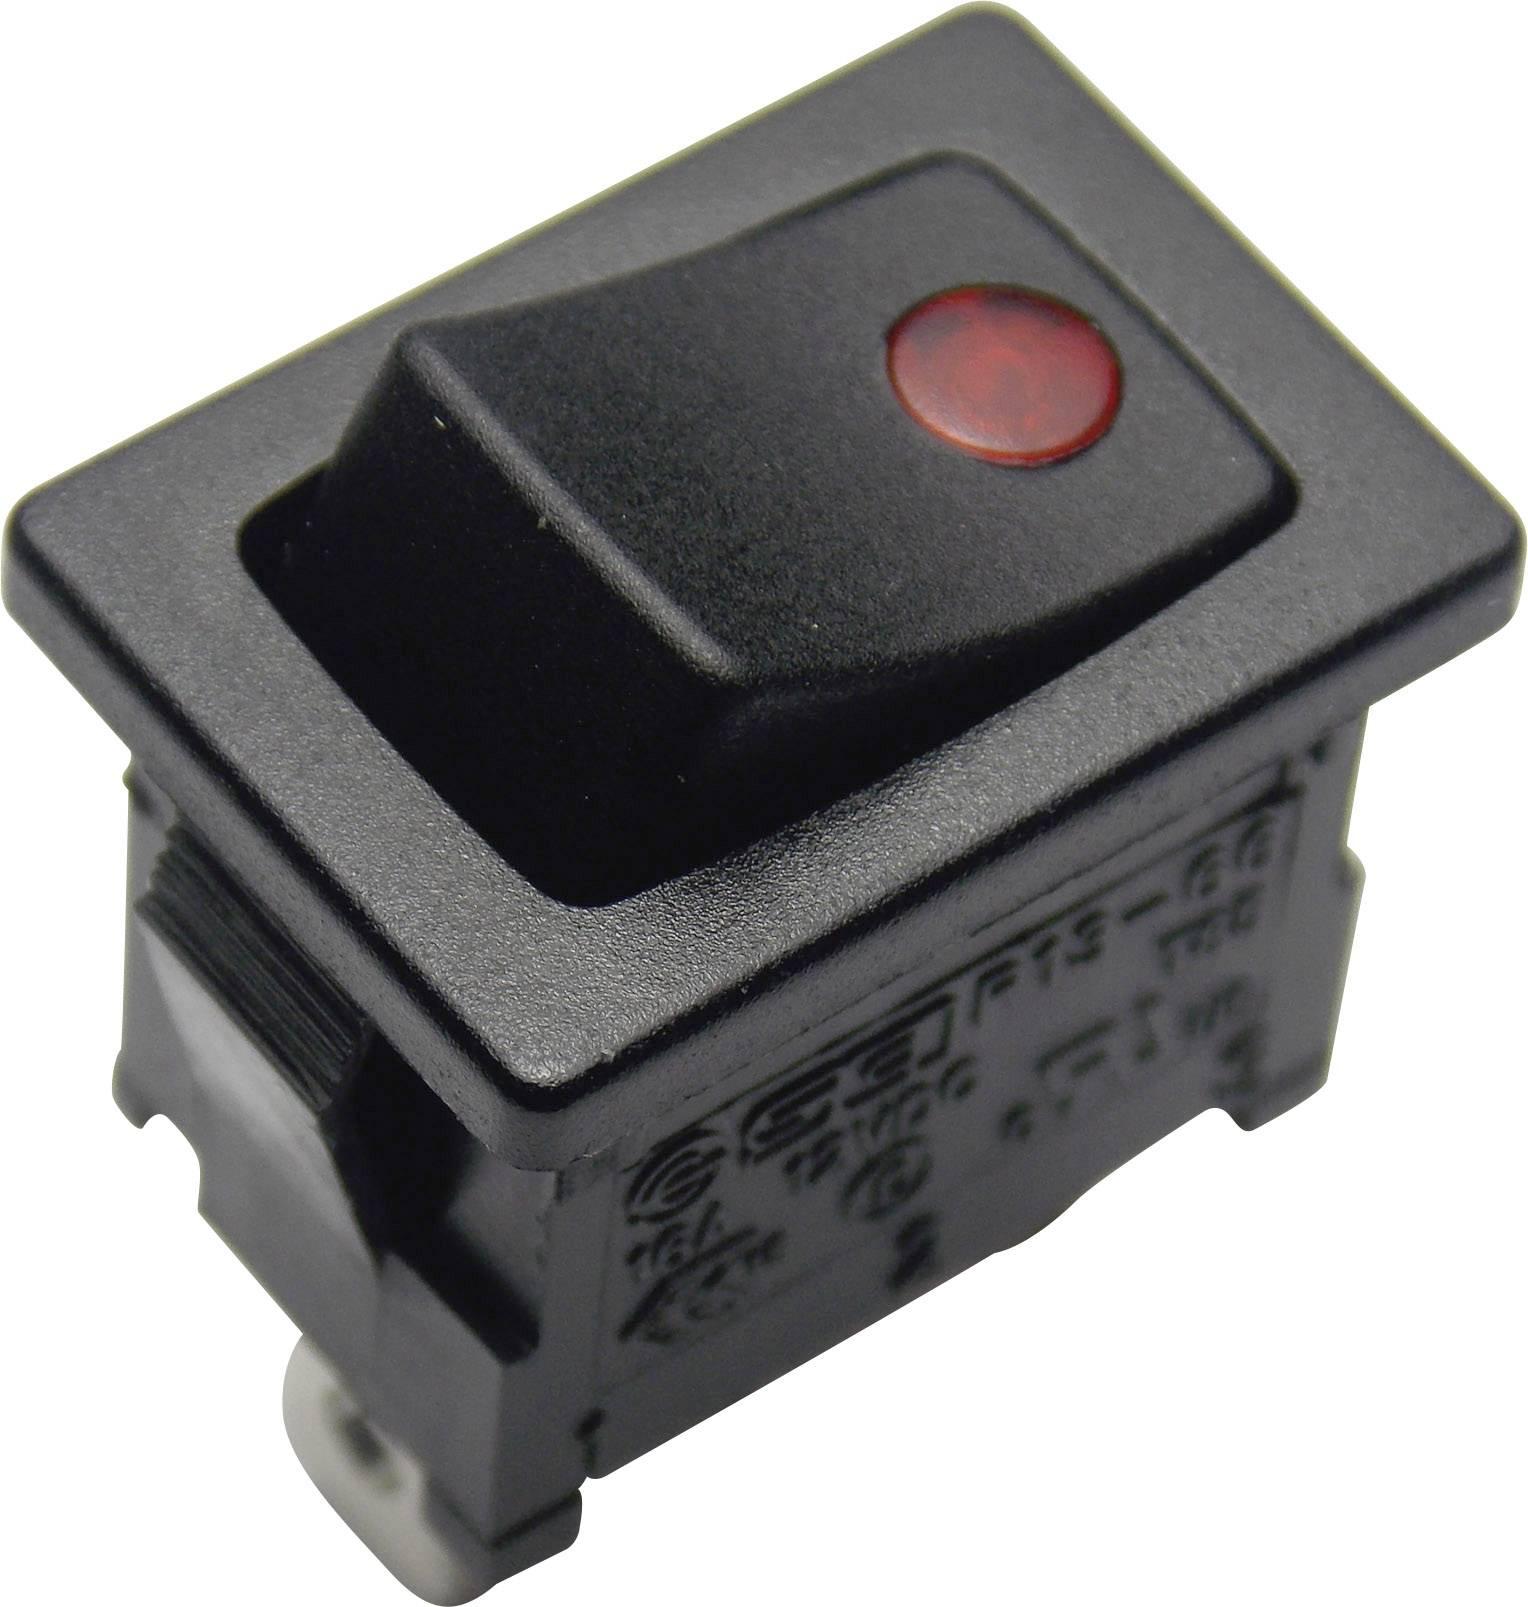 Kolískový spínač SCI R13-66B2-02 B/B s aretáciou 12 V, 16 A, 1x vyp/zap, čierna, červená, 1 ks